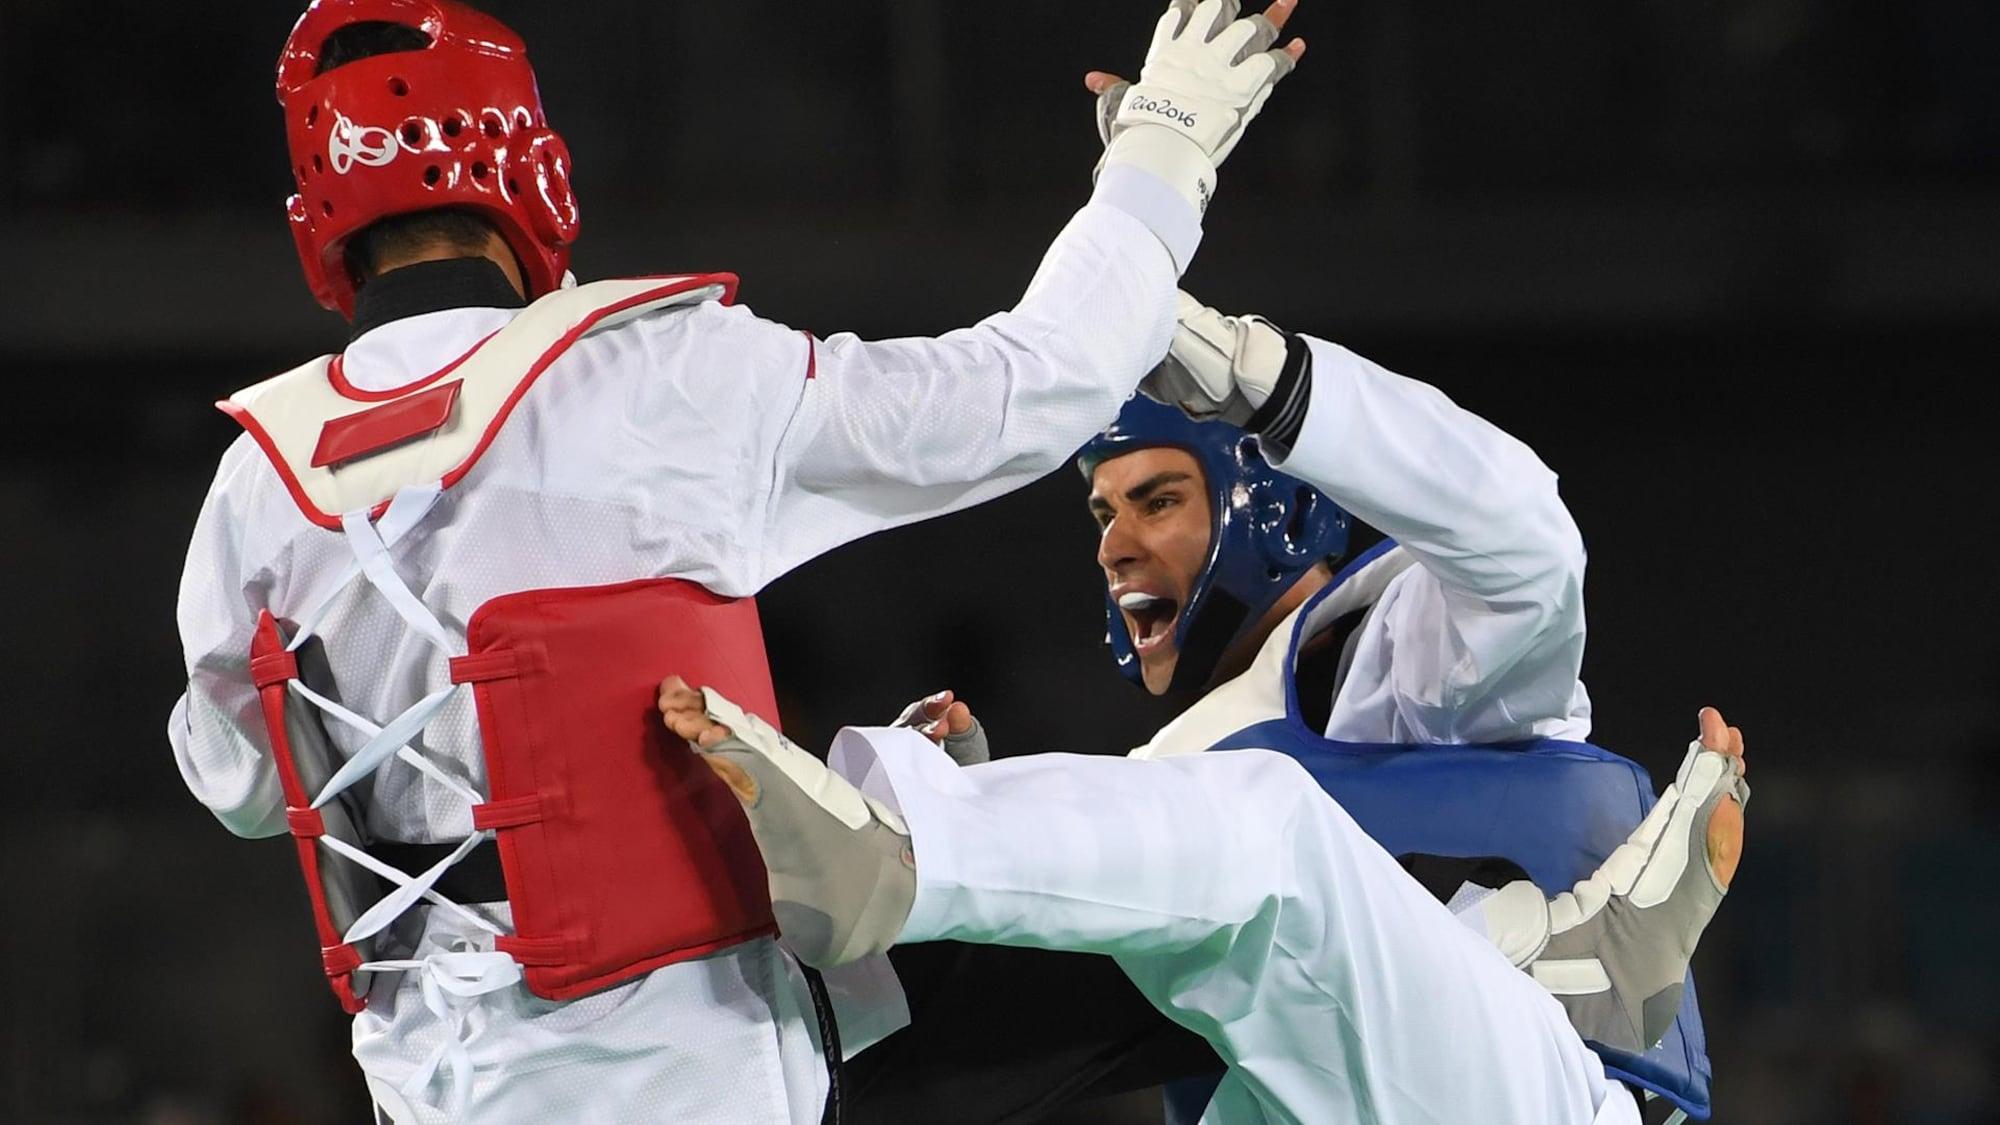 Deux athlètes de taekwondo se battent.